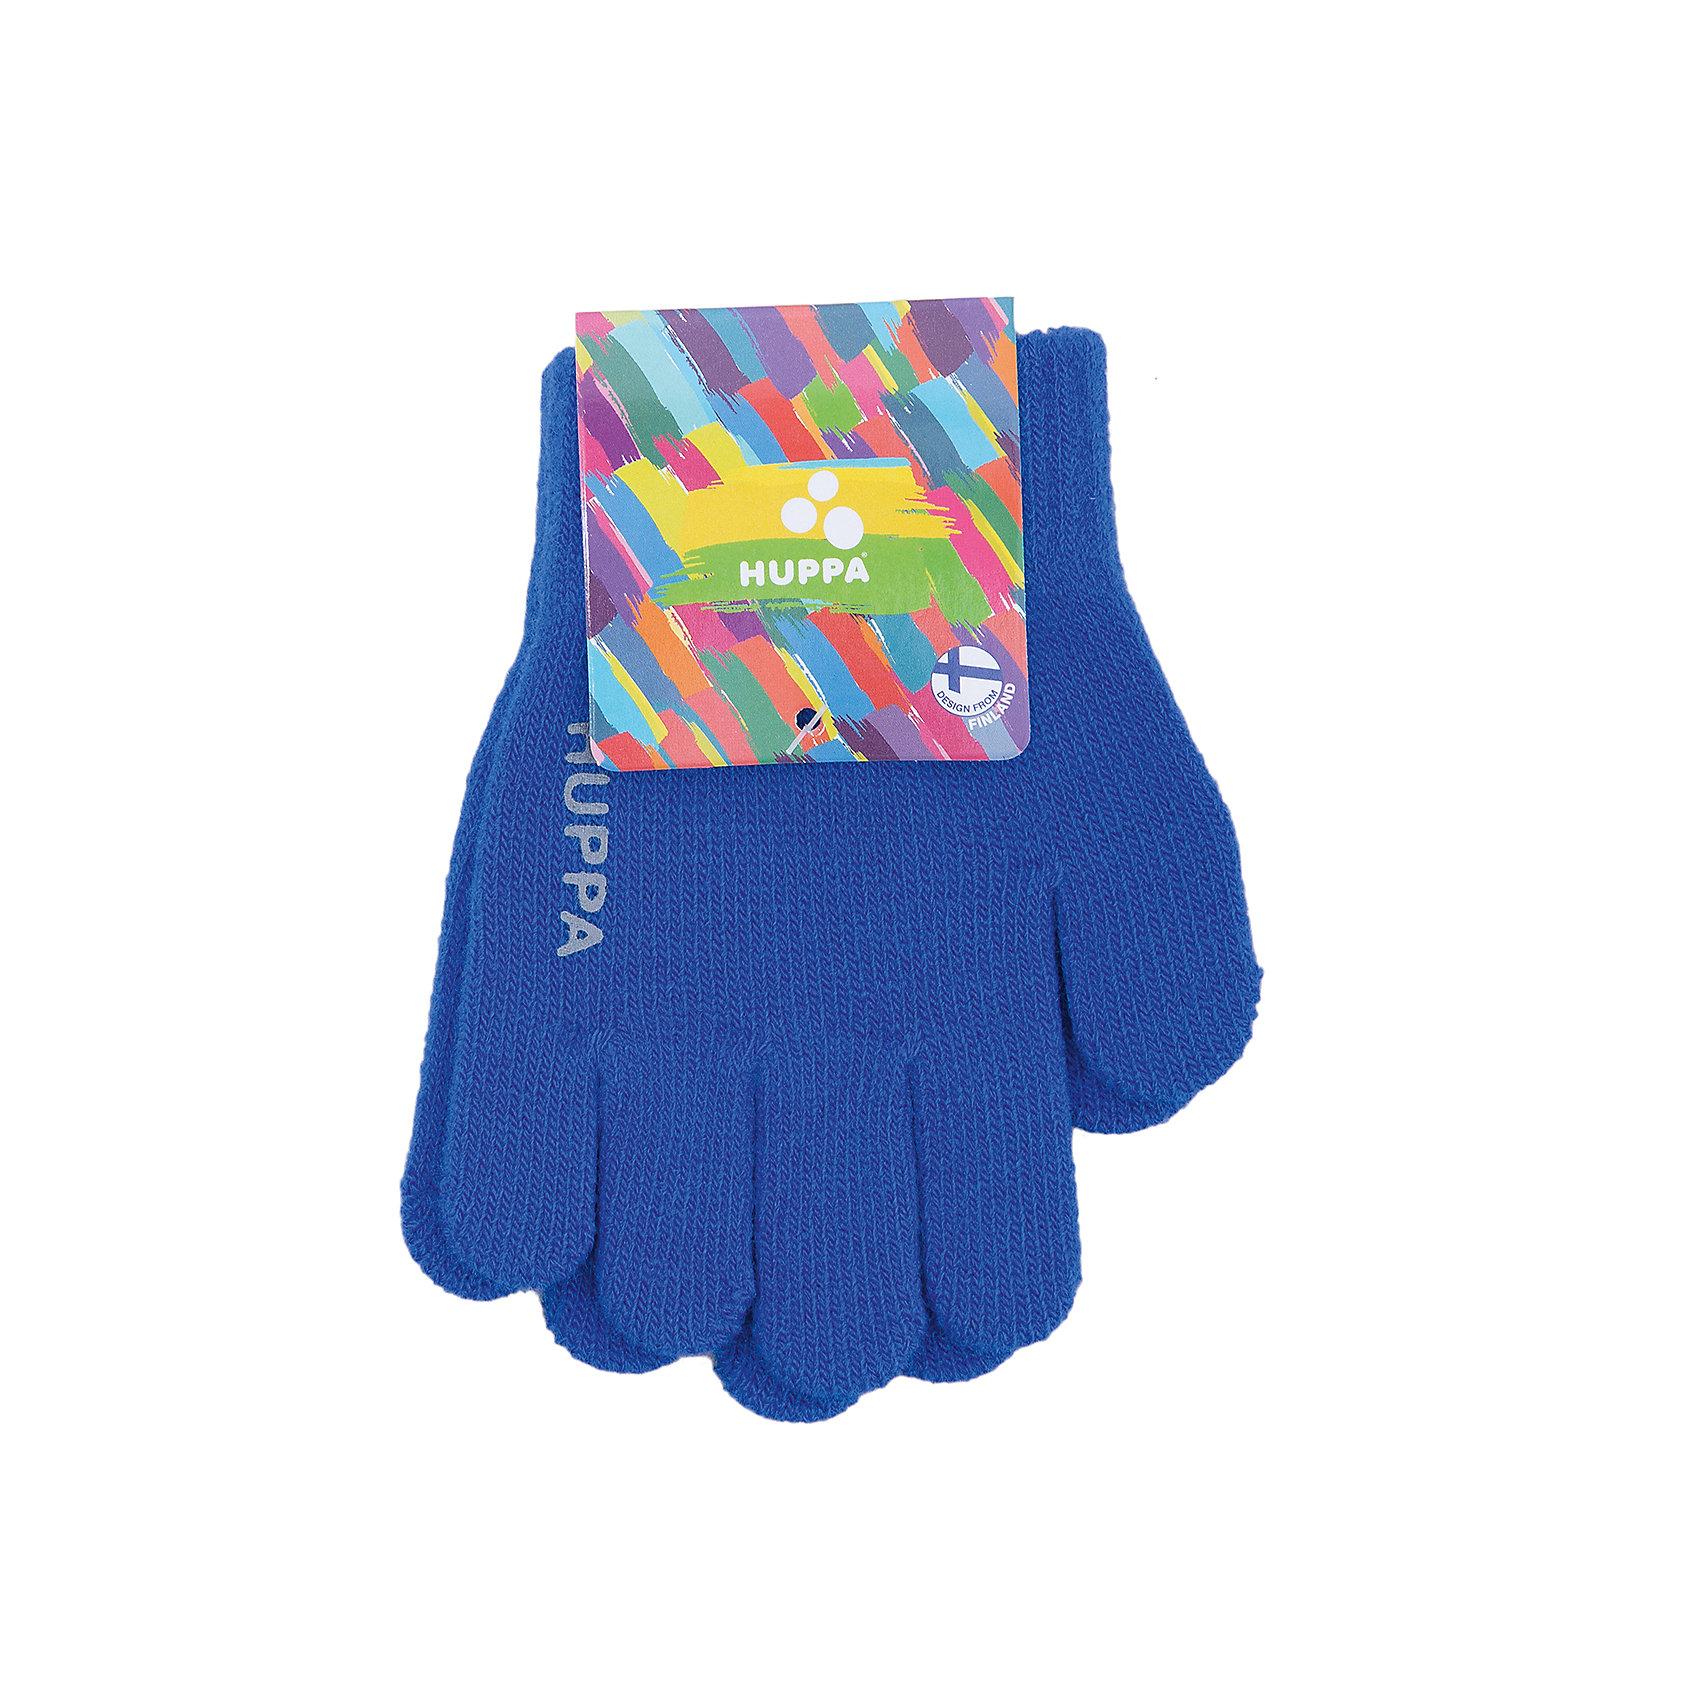 Перчатки LEVI HuppaХарактеристики товара:<br><br>• цвет: синий<br>• состав: 100% акрил<br>• температурный режим: от 0°С до +10°С<br>• мягкая пряжа<br>• логотип<br>• широкая мягкая резинка<br>• комфортная посадка<br>• страна бренда: Эстония<br><br>Эти перчатки обеспечат детям тепло и комфорт в межсезонье. Они сделаны из мягкого дышащего материала, поэтому изделие идеально подходит для межсезонья. Перчатки очень симпатично смотрятся. Модель была разработана специально для детей.<br><br>Одежда и обувь от популярного эстонского бренда Huppa - отличный вариант одеть ребенка можно и комфортно. Вещи, выпускаемые компанией, качественные, продуманные и очень удобные. Для производства изделий используются только безопасные для детей материалы. Продукция от Huppa порадует и детей, и их родителей!<br><br>Перчатки LEVI от бренда Huppa (Хуппа) можно купить в нашем интернет-магазине.<br><br>Ширина мм: 162<br>Глубина мм: 171<br>Высота мм: 55<br>Вес г: 119<br>Цвет: синий<br>Возраст от месяцев: 48<br>Возраст до месяцев: 60<br>Пол: Мужской<br>Возраст: Детский<br>Размер: 2,1<br>SKU: 5348067